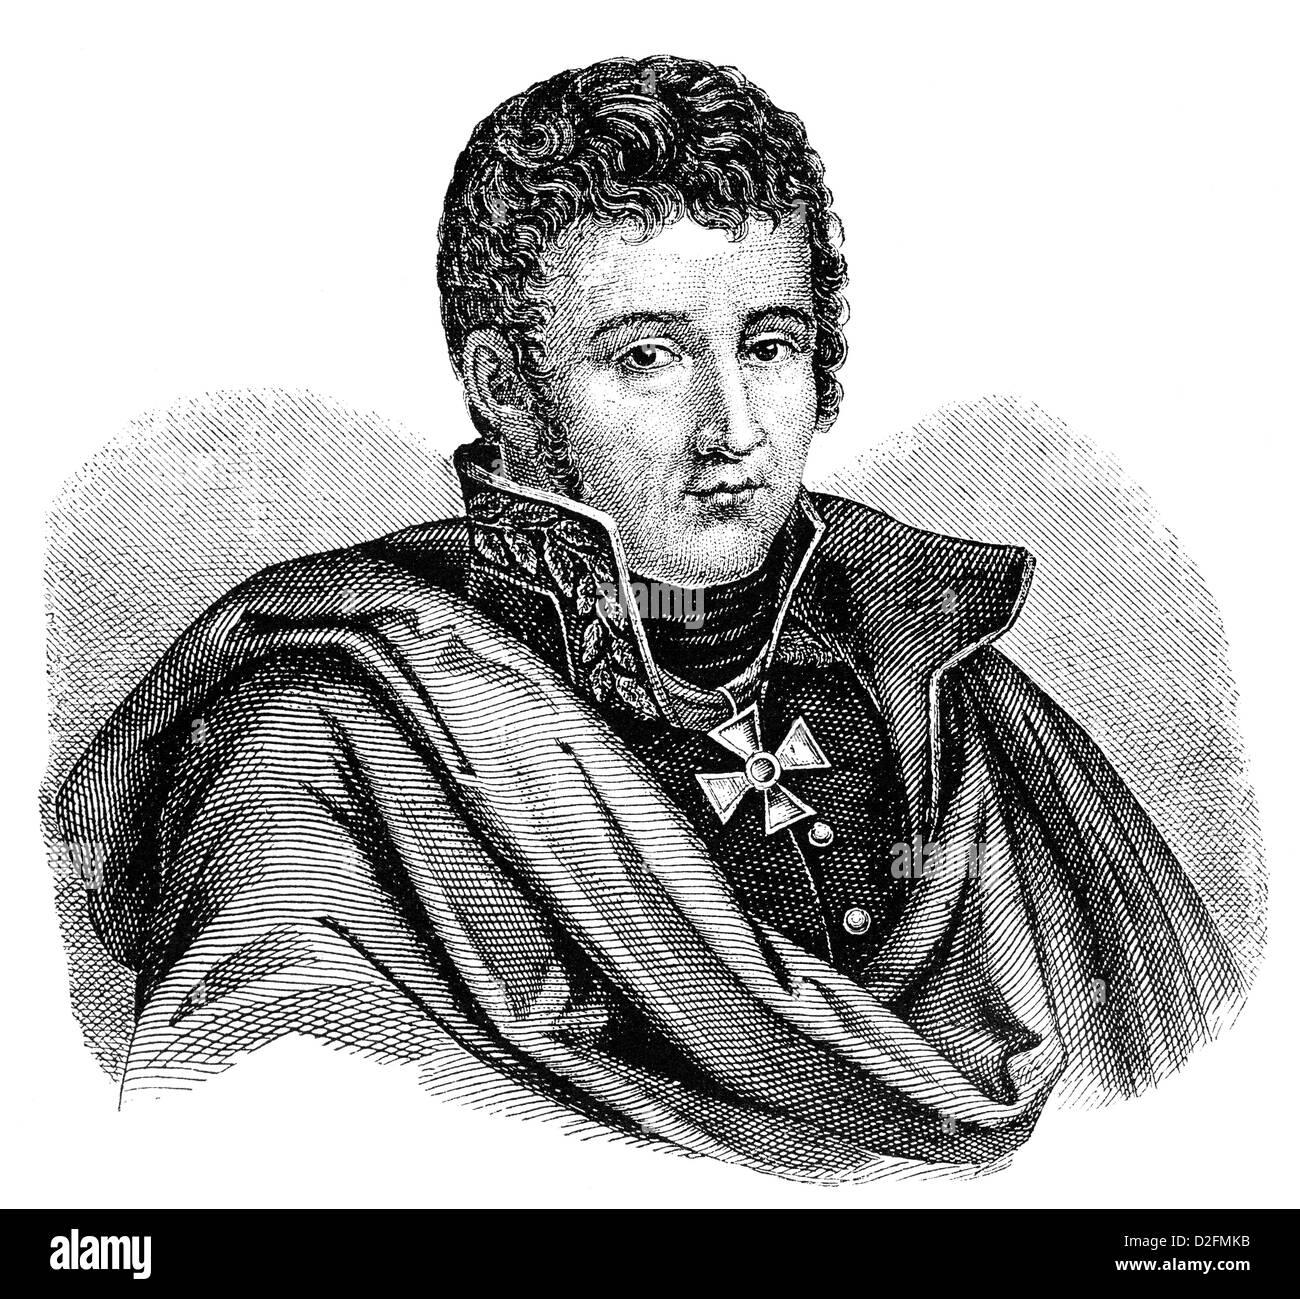 Gerhard Johann David von Scharnhorst, 1755 - 1813, un general militar prusiano y reformador de la época de las guerras napoleónicas, Foto de stock